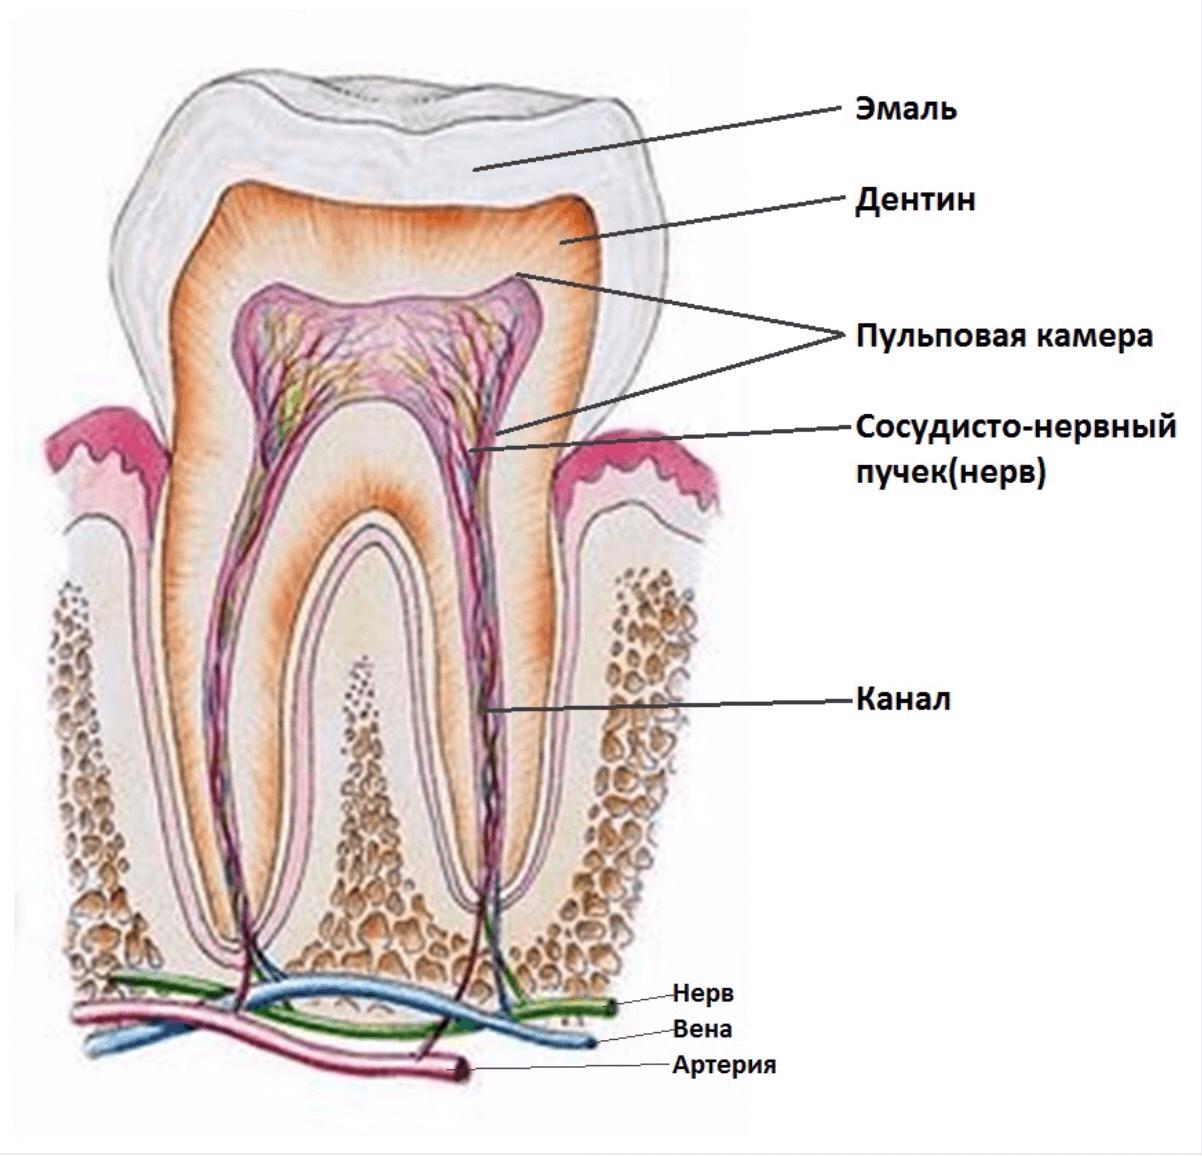 лечение зубов краснодар